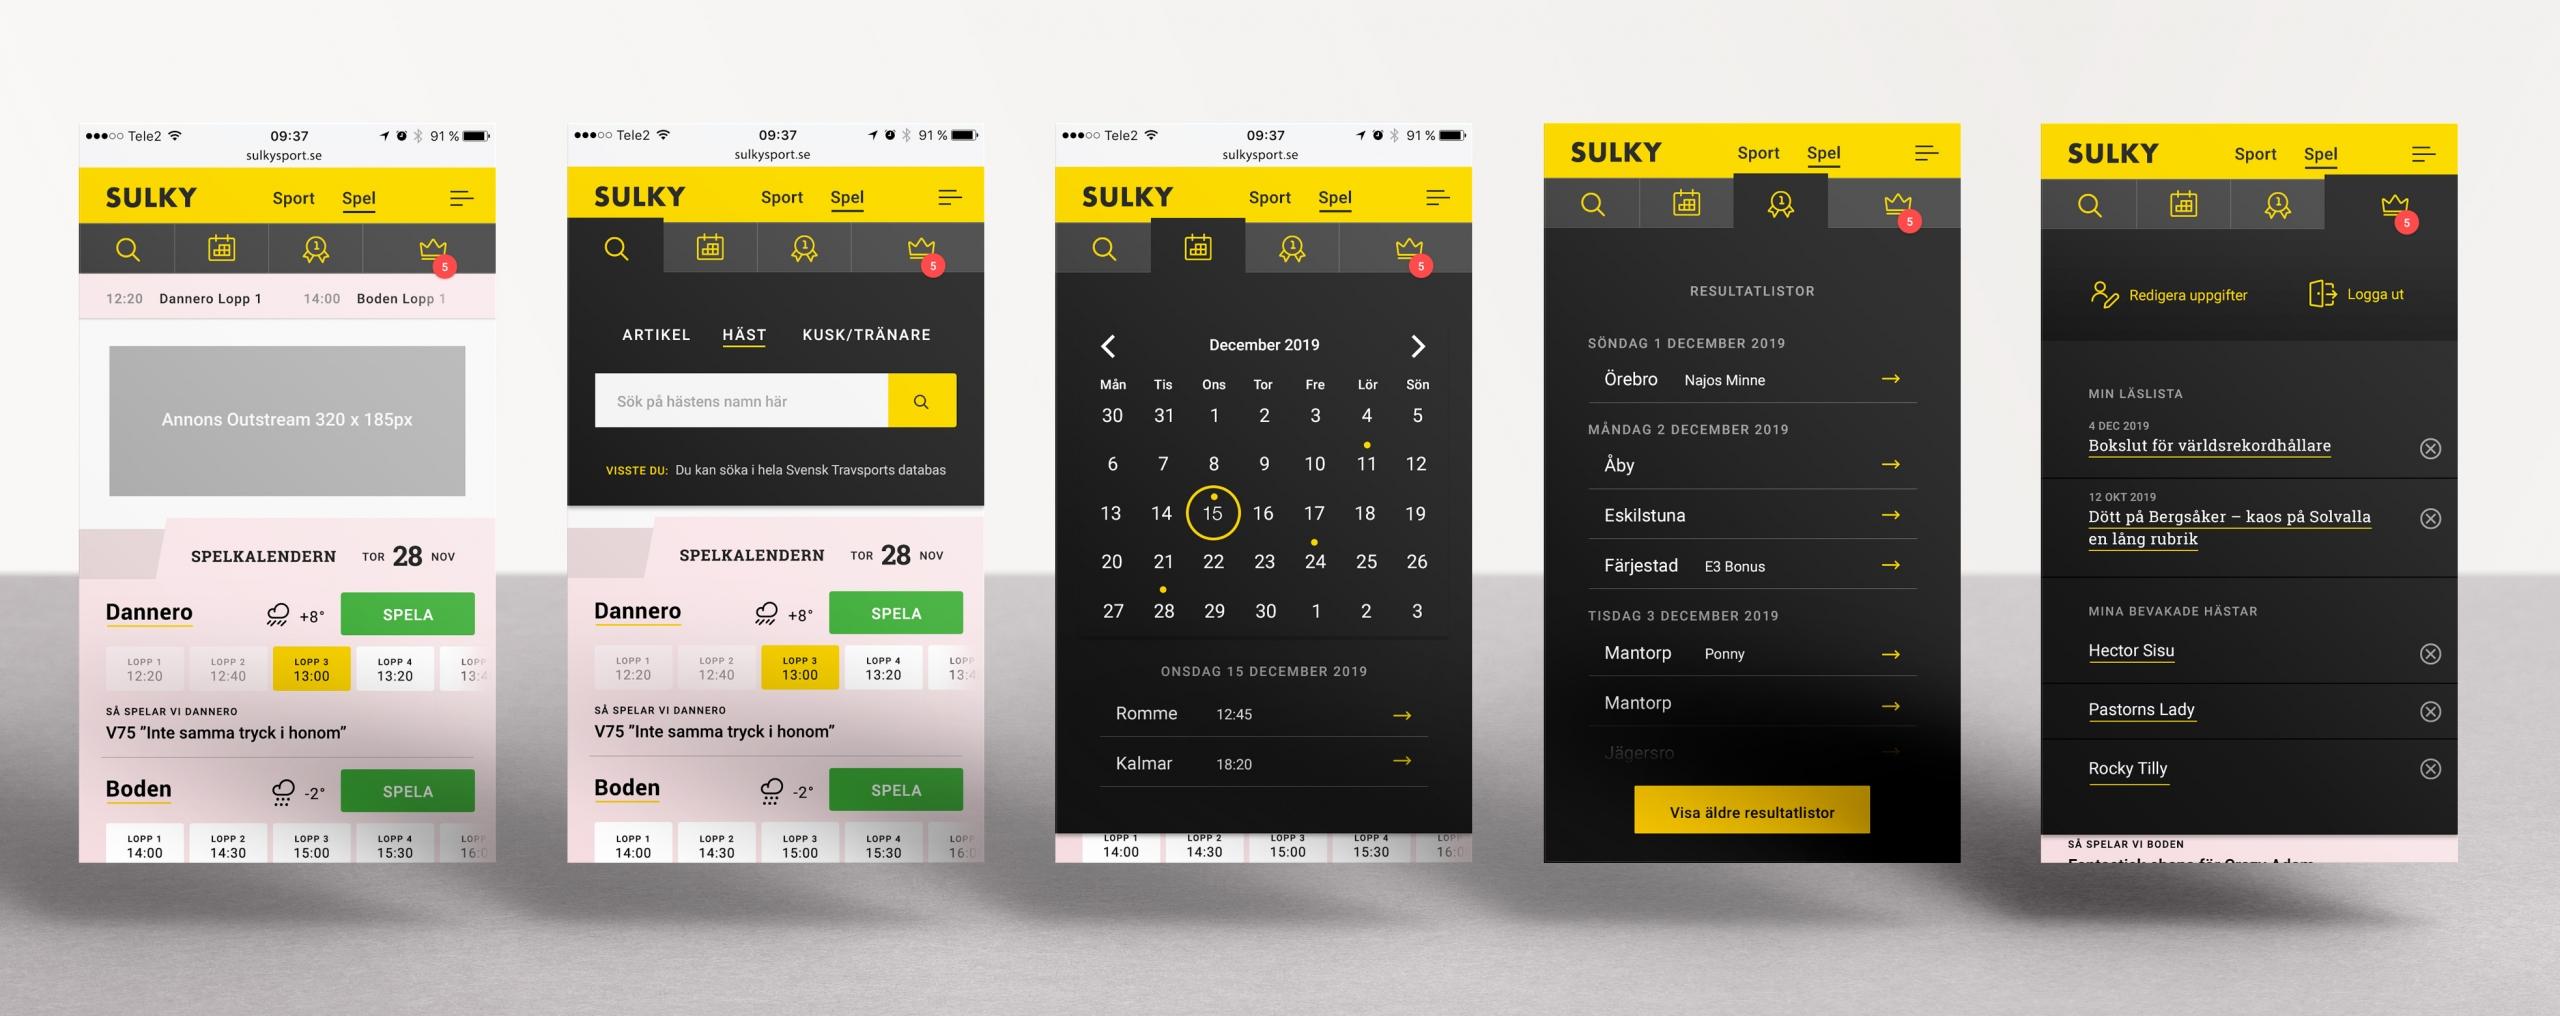 Sulky trav sport spel digitalbyrå Wonderfour